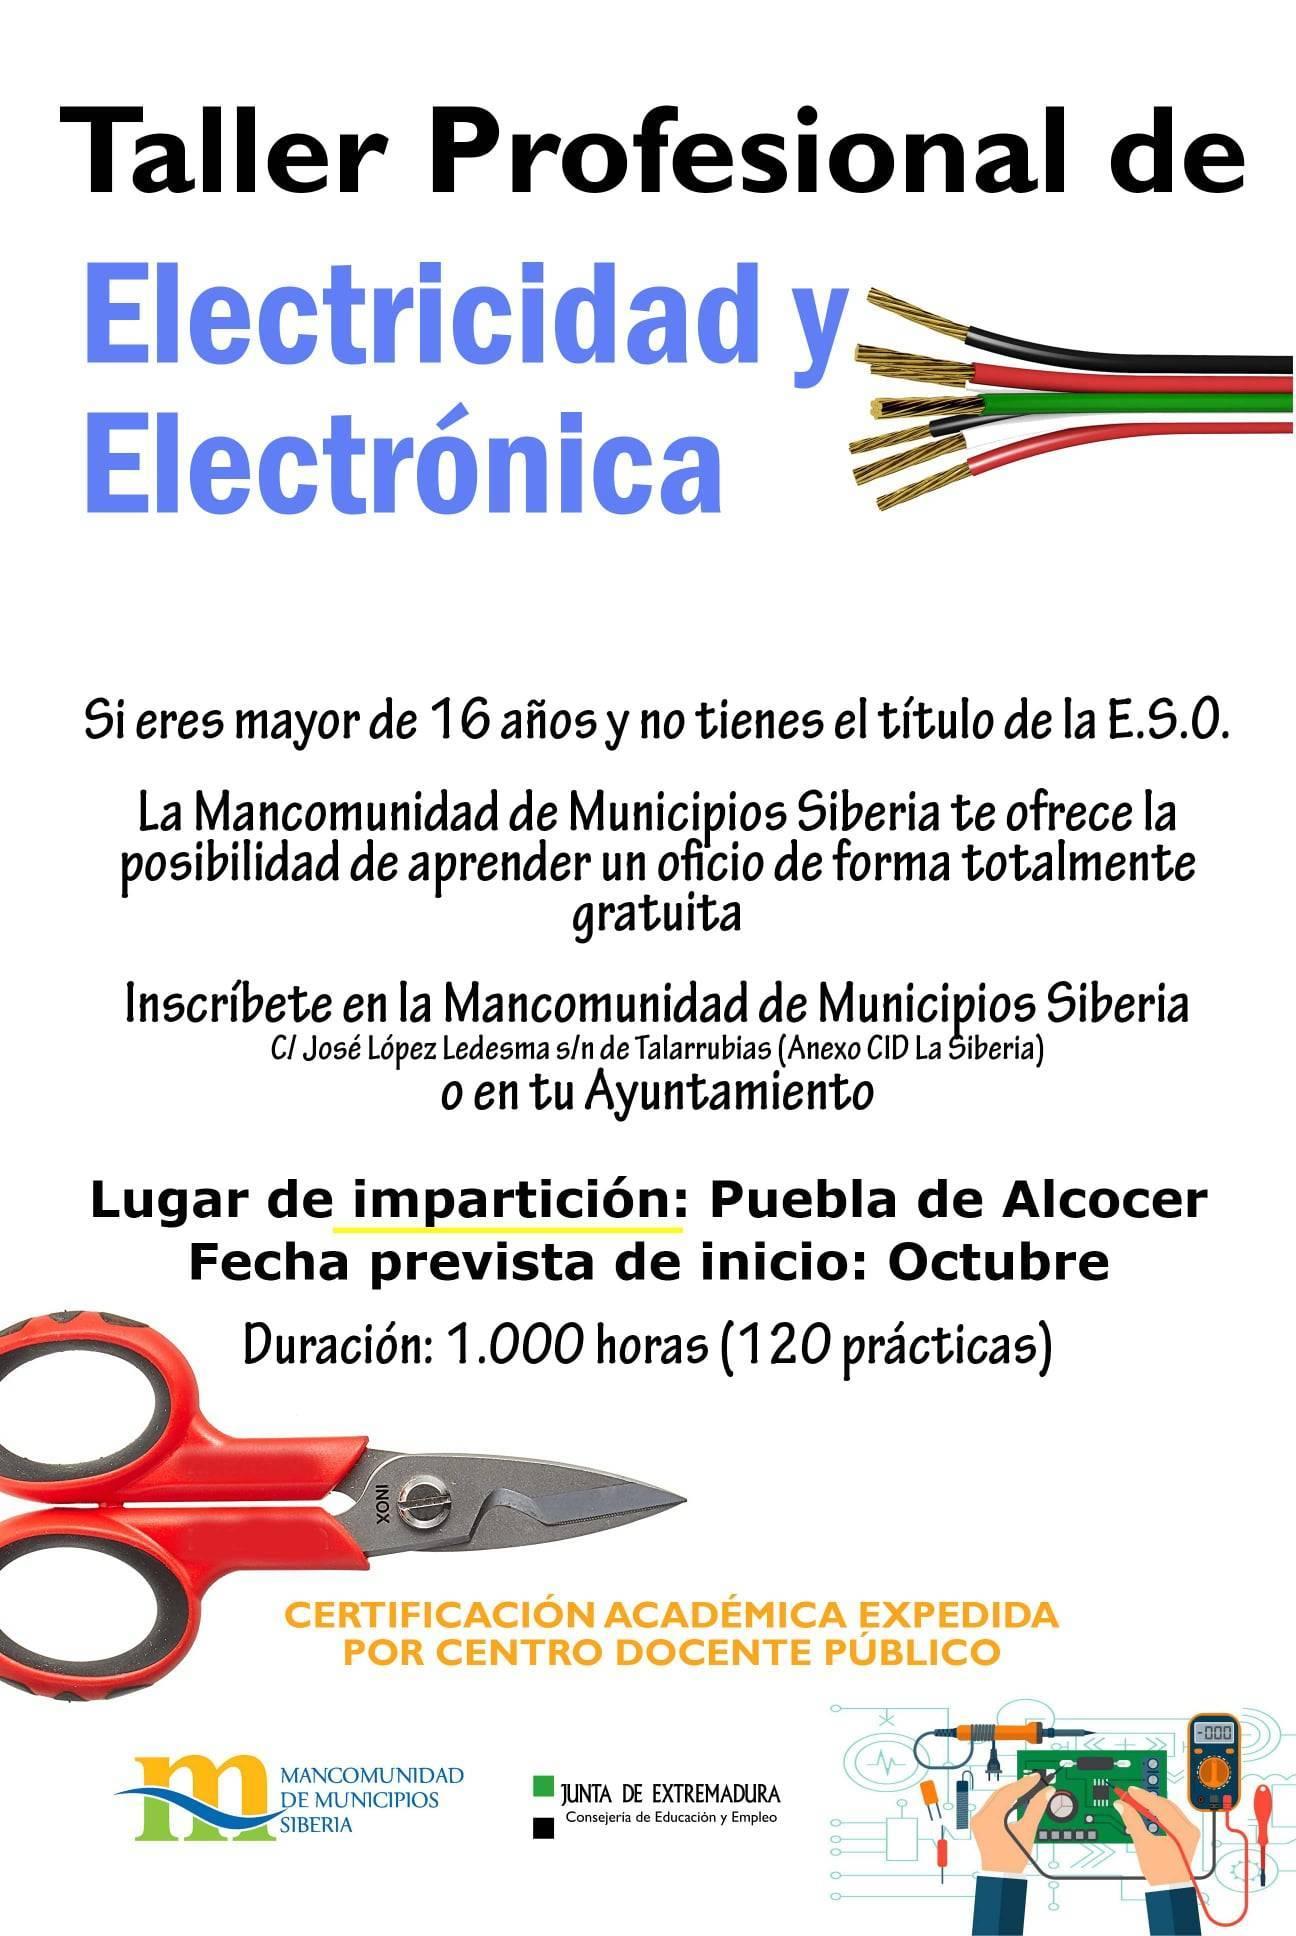 Taller profesional de electricidad y electrónica (2021) - Puebla de Alcocer (Badajoz)